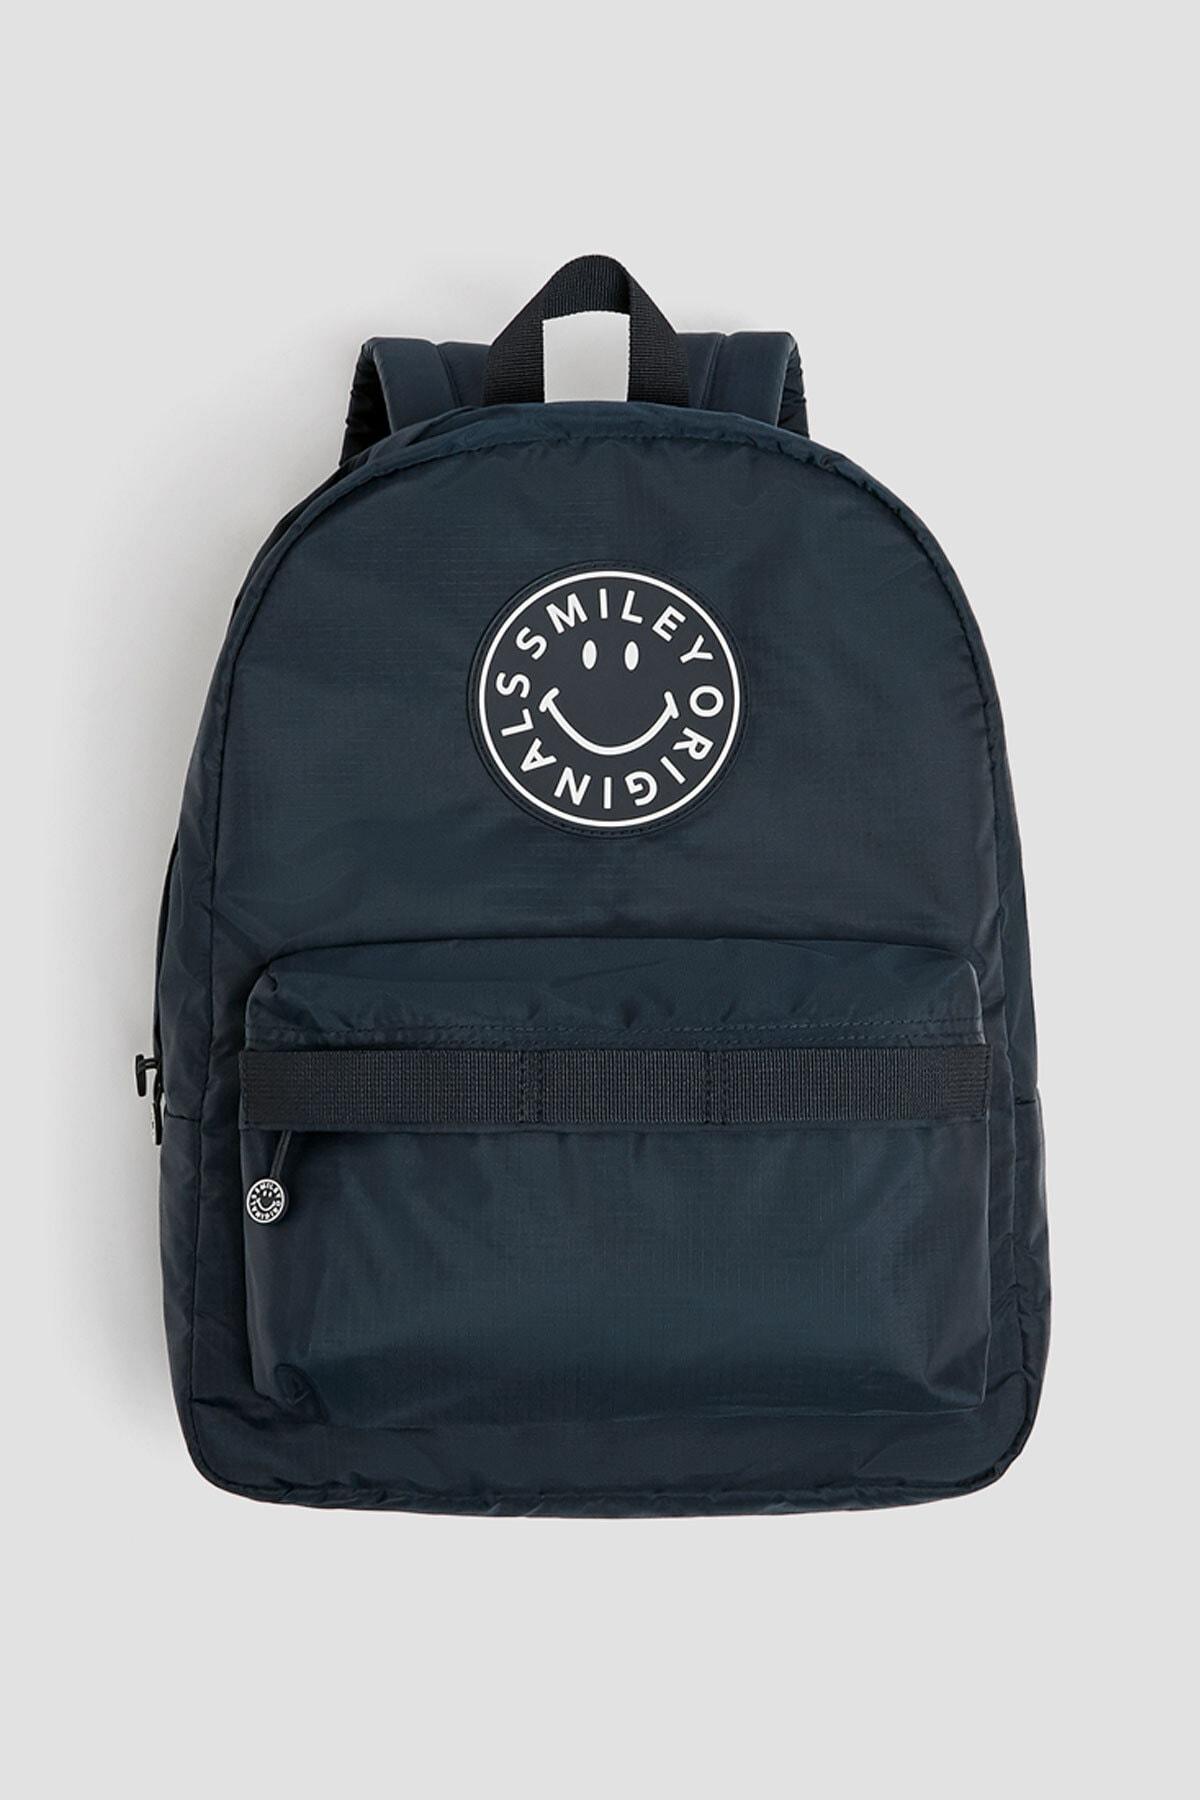 Pull & Bear Kadın Mavi Smiley Logolu Sırt Çantası 14039640 1